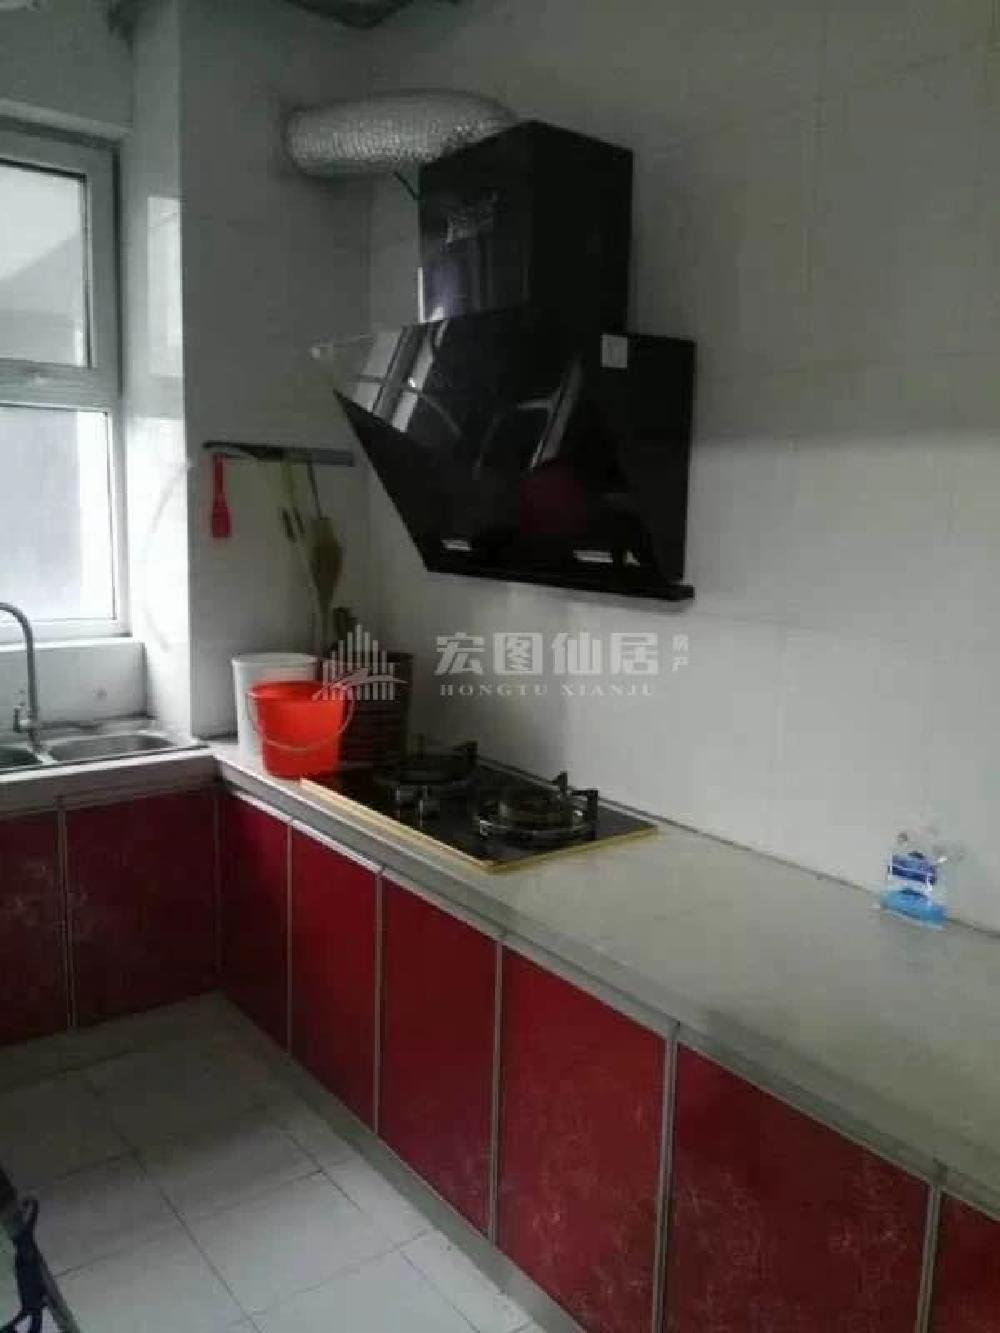 八里庙小区3室2厅1卫1500元月电梯房精装修